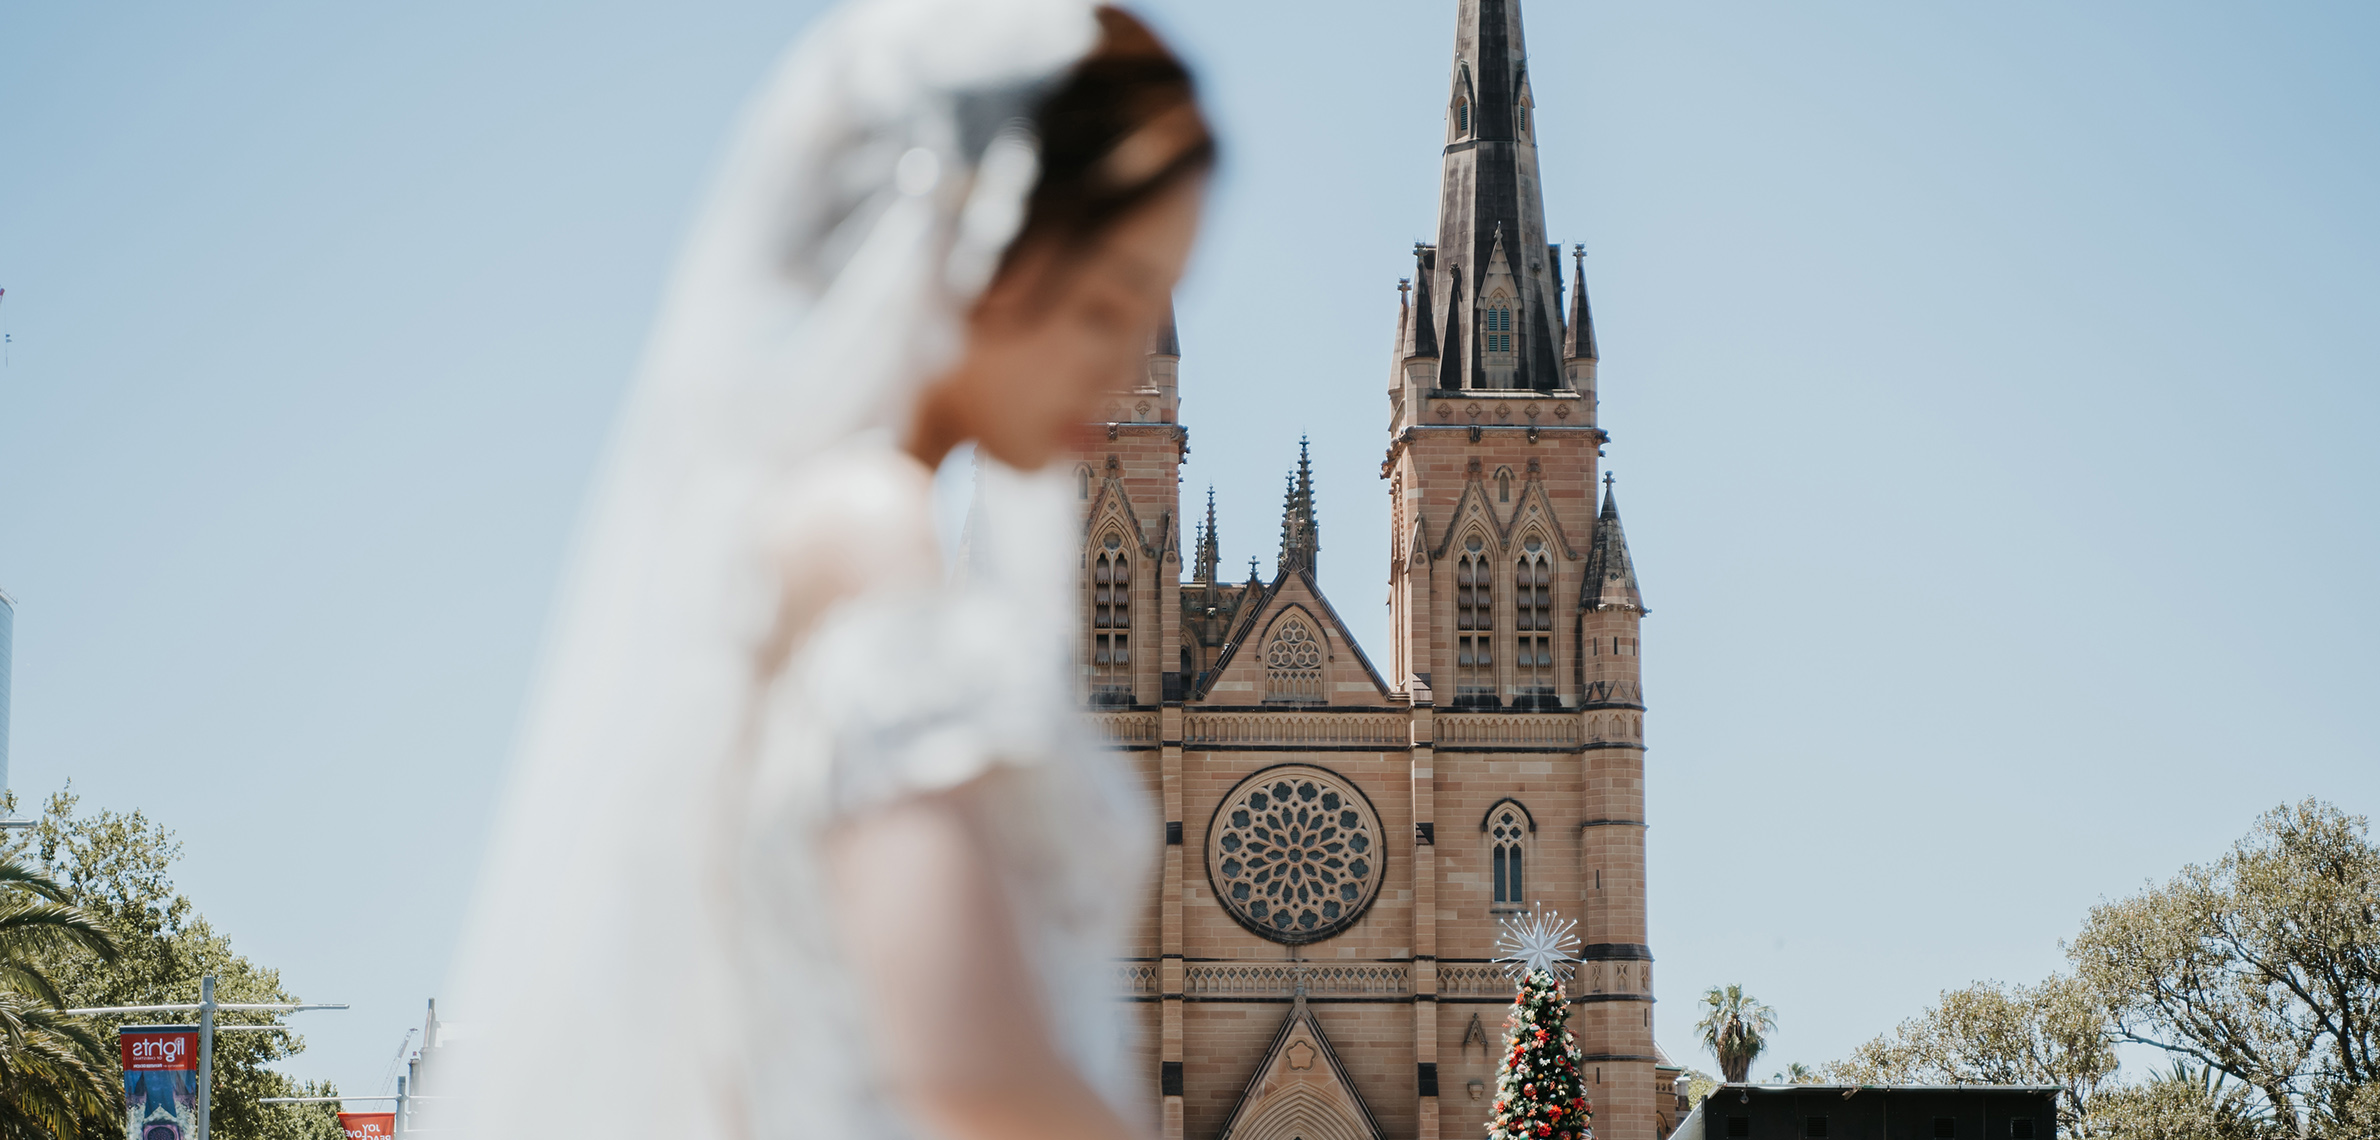 悉尼婚纱摄影,悉尼婚礼拍摄,悉尼婚纱旅拍,悉尼婚纱店,悉尼婚纱影楼,悉尼婚纱摄影摄像,悉尼婚纱摄影工作室,悉尼婚纱照